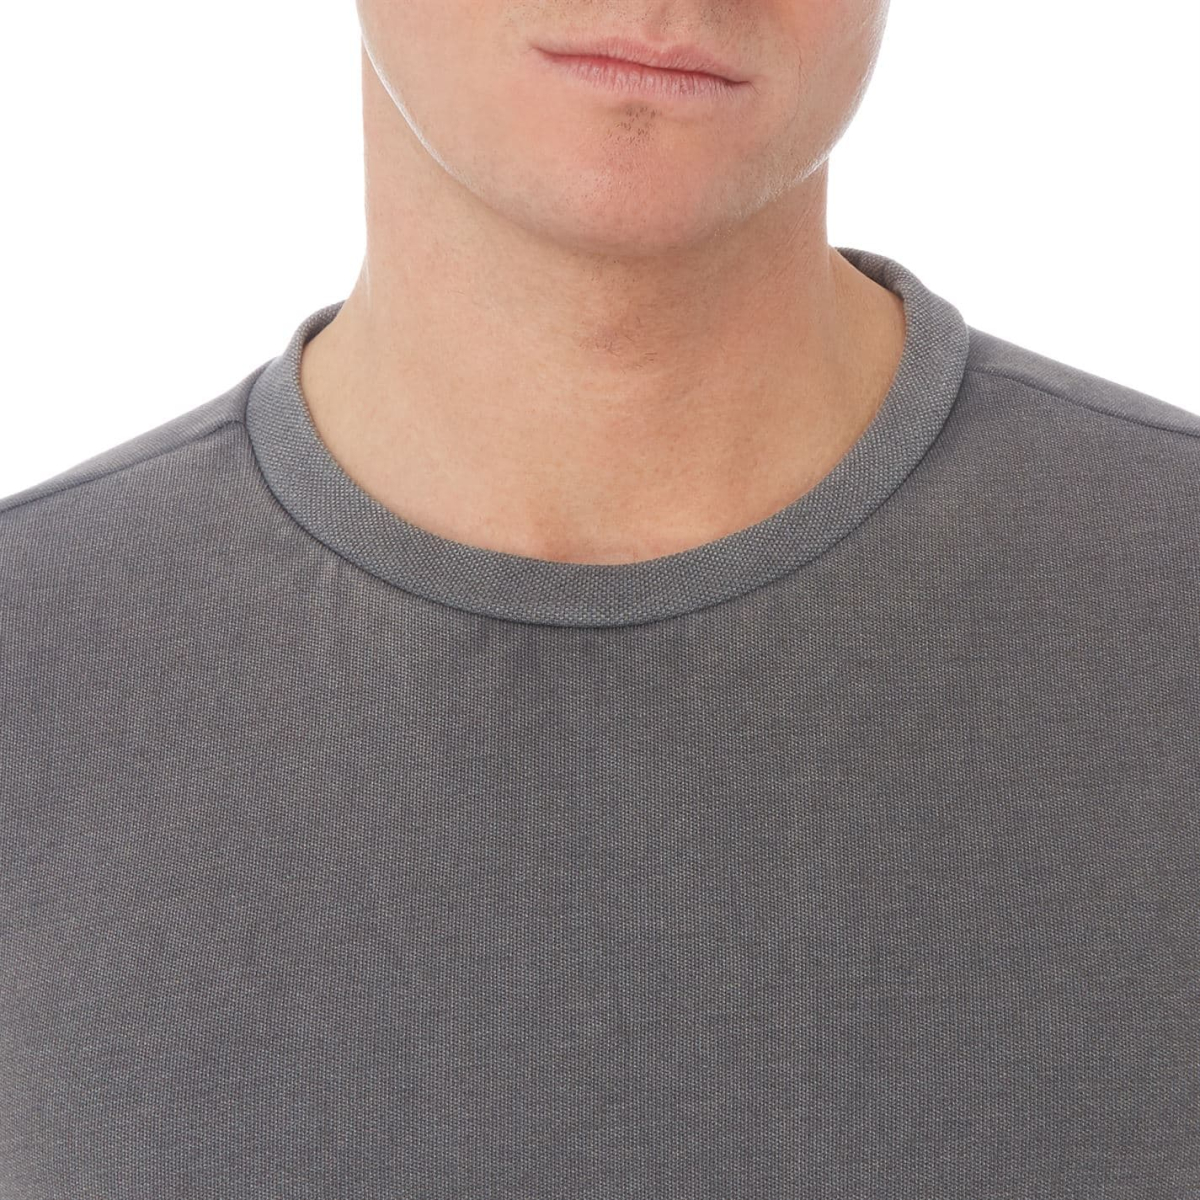 Jack And Jones Sweatshirt Pullover Herren Pulli Jacke Rundhals Sport Sweater 109